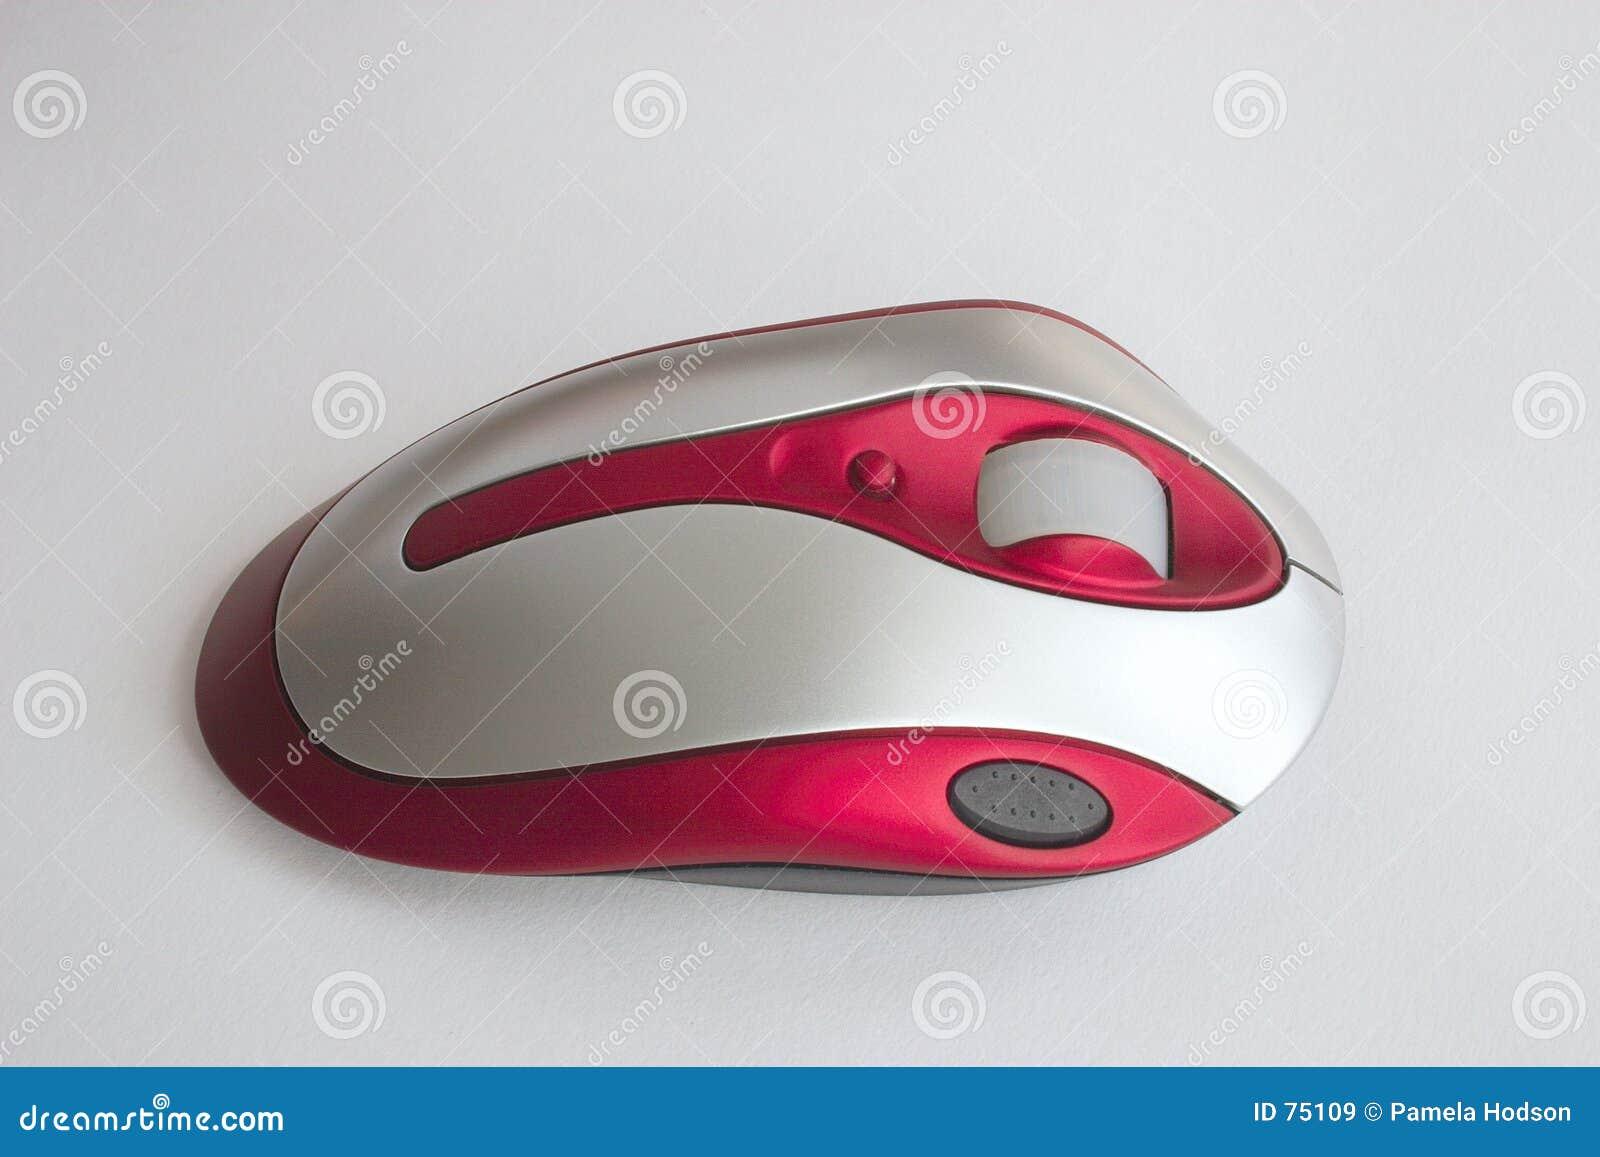 Ratón óptico rojo y de plata